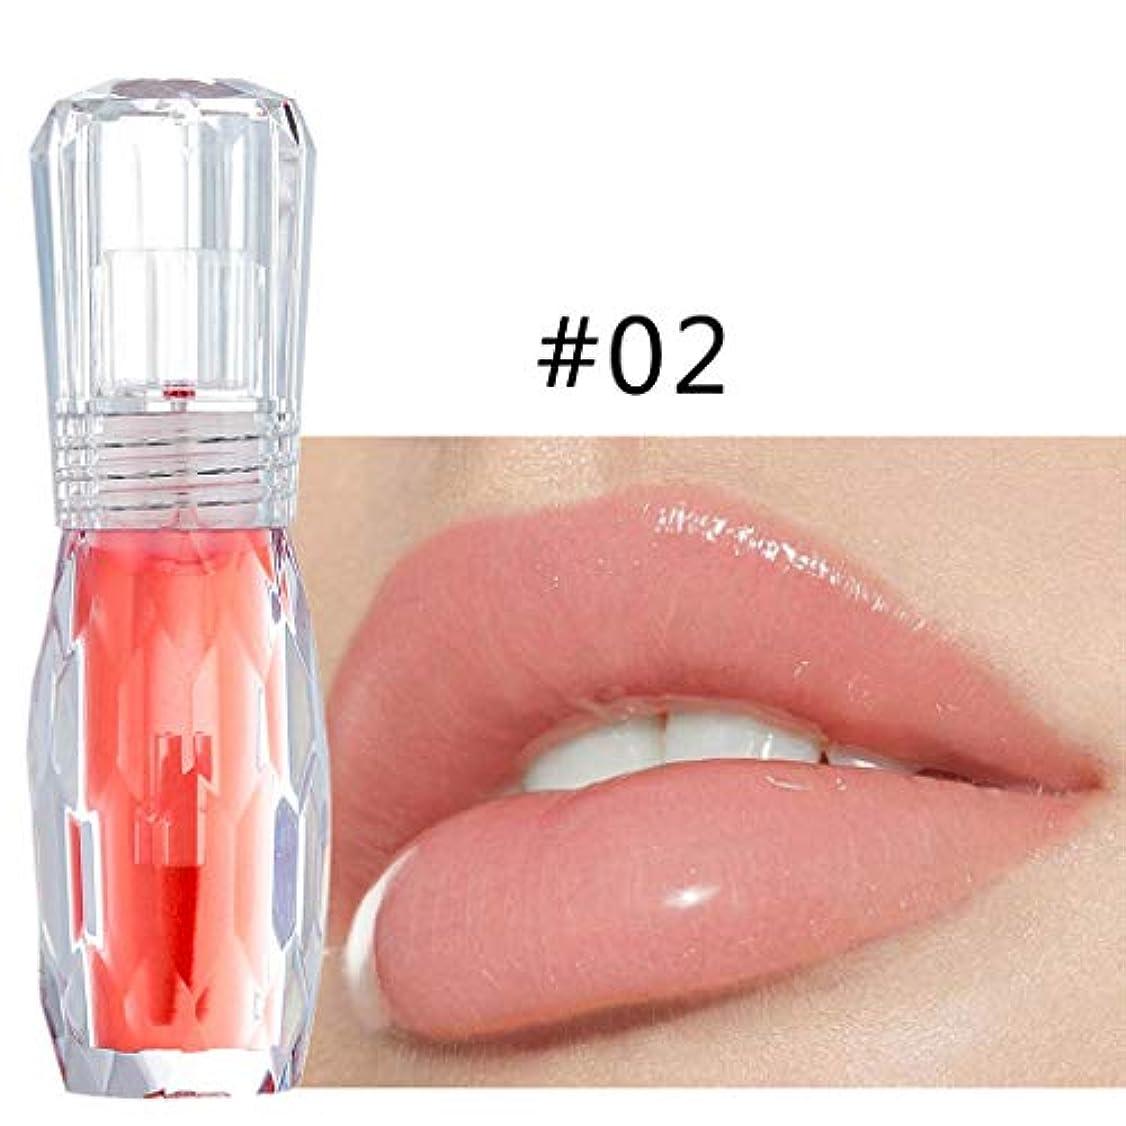 物足りないだます栄光ビューティー 口紅 Jopinica 6色ピンク系液体リップスティック 透明魅力液体リップグロス キラキラ落ちにくい口紅 安いメイクアップ ナチュラル美容化粧品 ハイライト プレイカラー うるおい 持ち運び便利 光沢 自然立体 長持ち 防水 コンパクト 激安